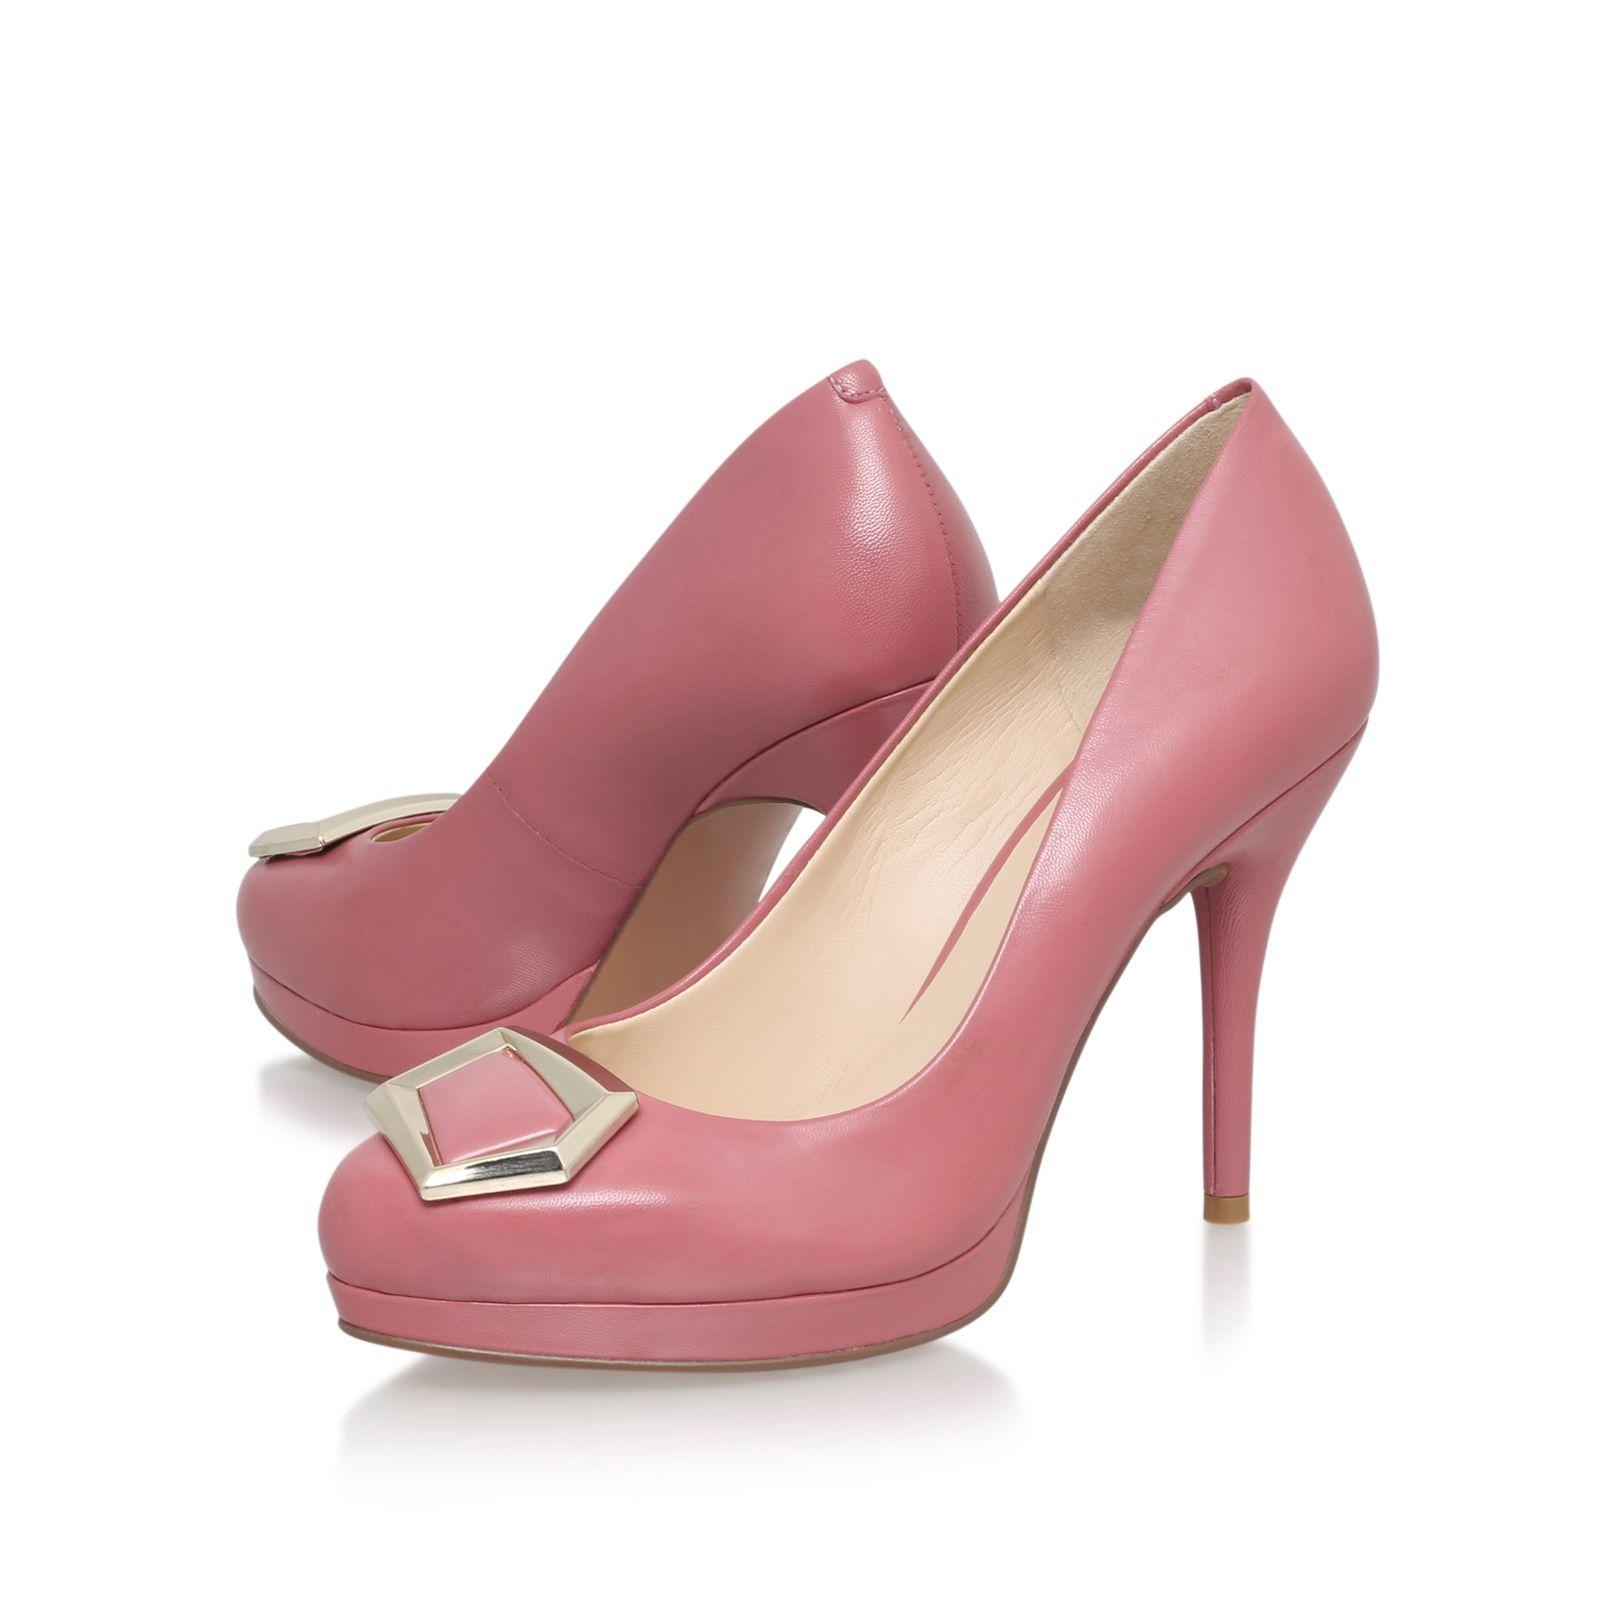 nine west keemah high heel embellished court shoes in pink